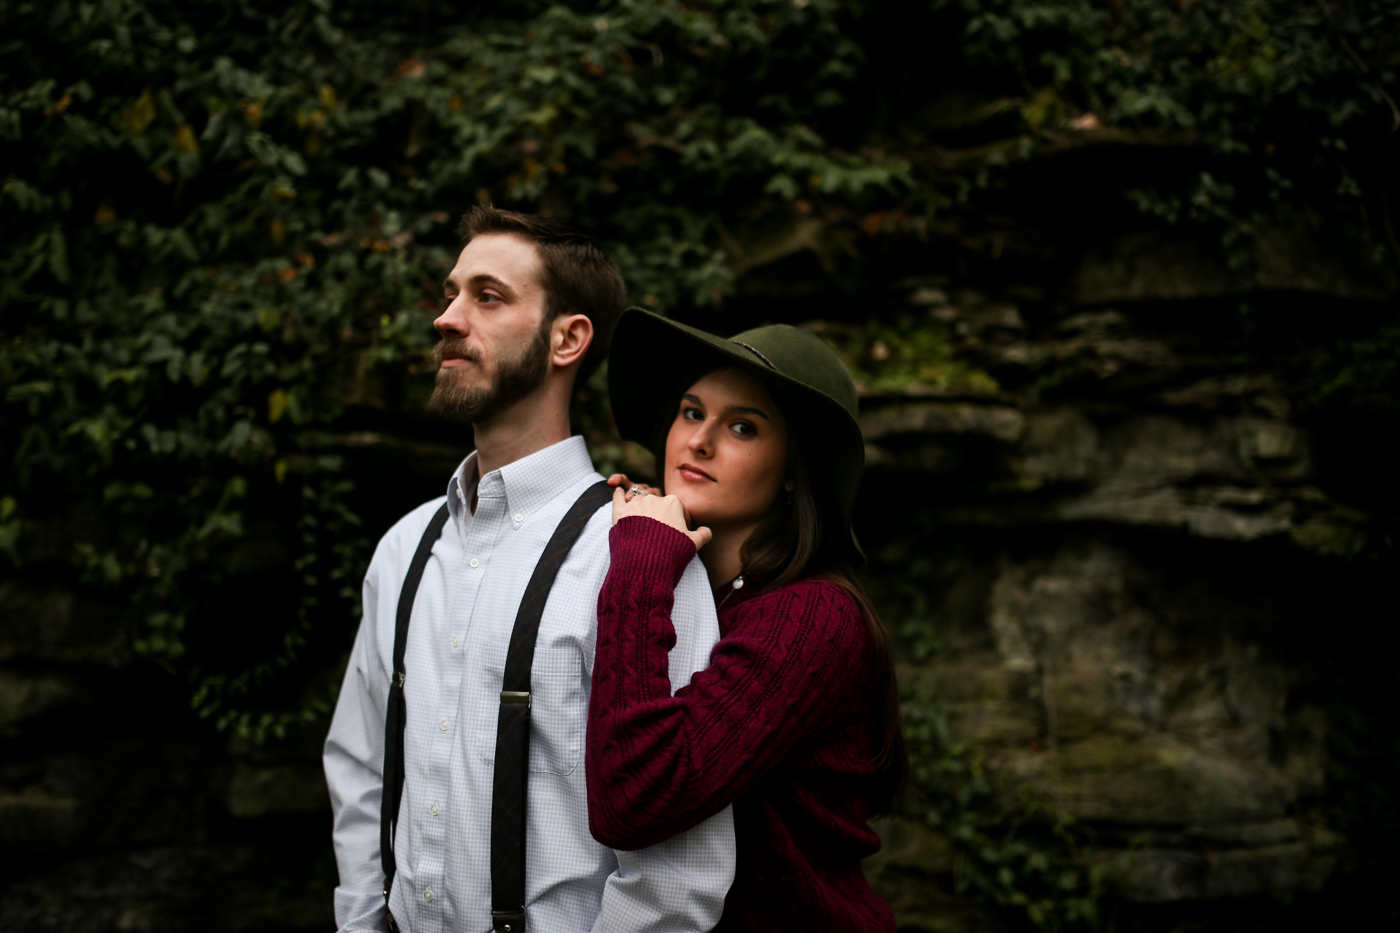 Fall-engagement-wedding-photographer-Kentucky-Bourbon-79.jpg